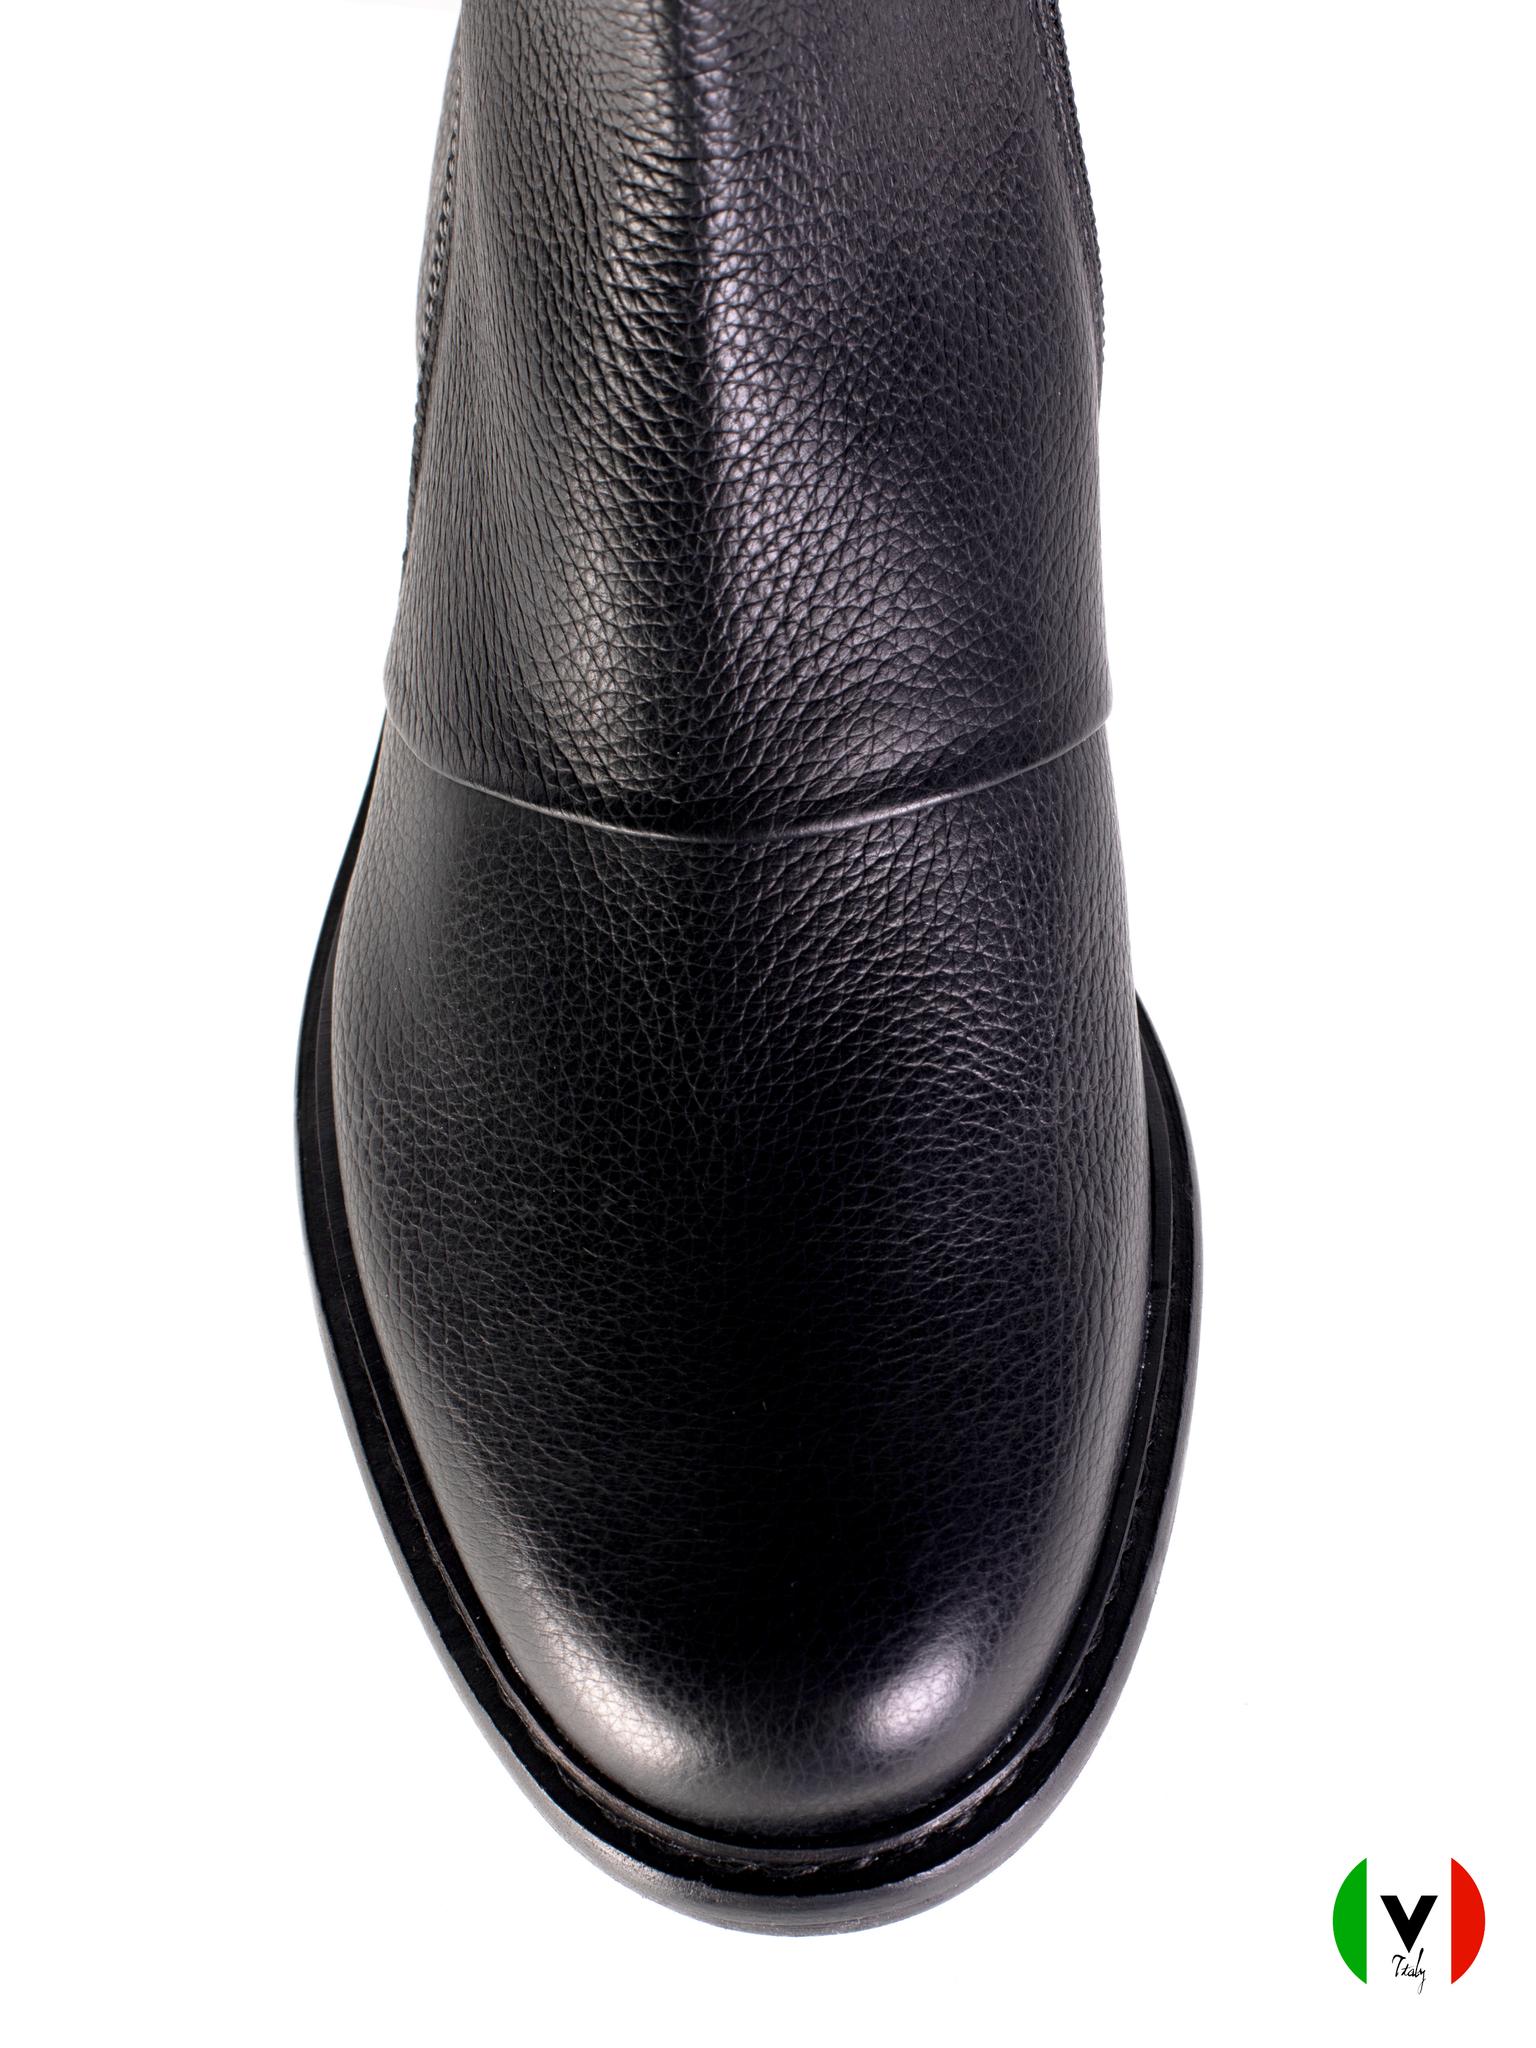 Осенние ботинки Norma J. Baker из кожи 7423, артикул 7423, сезон осень, цвет чёрный, материал кожа, цена 19 500 руб., veroitaly.ru